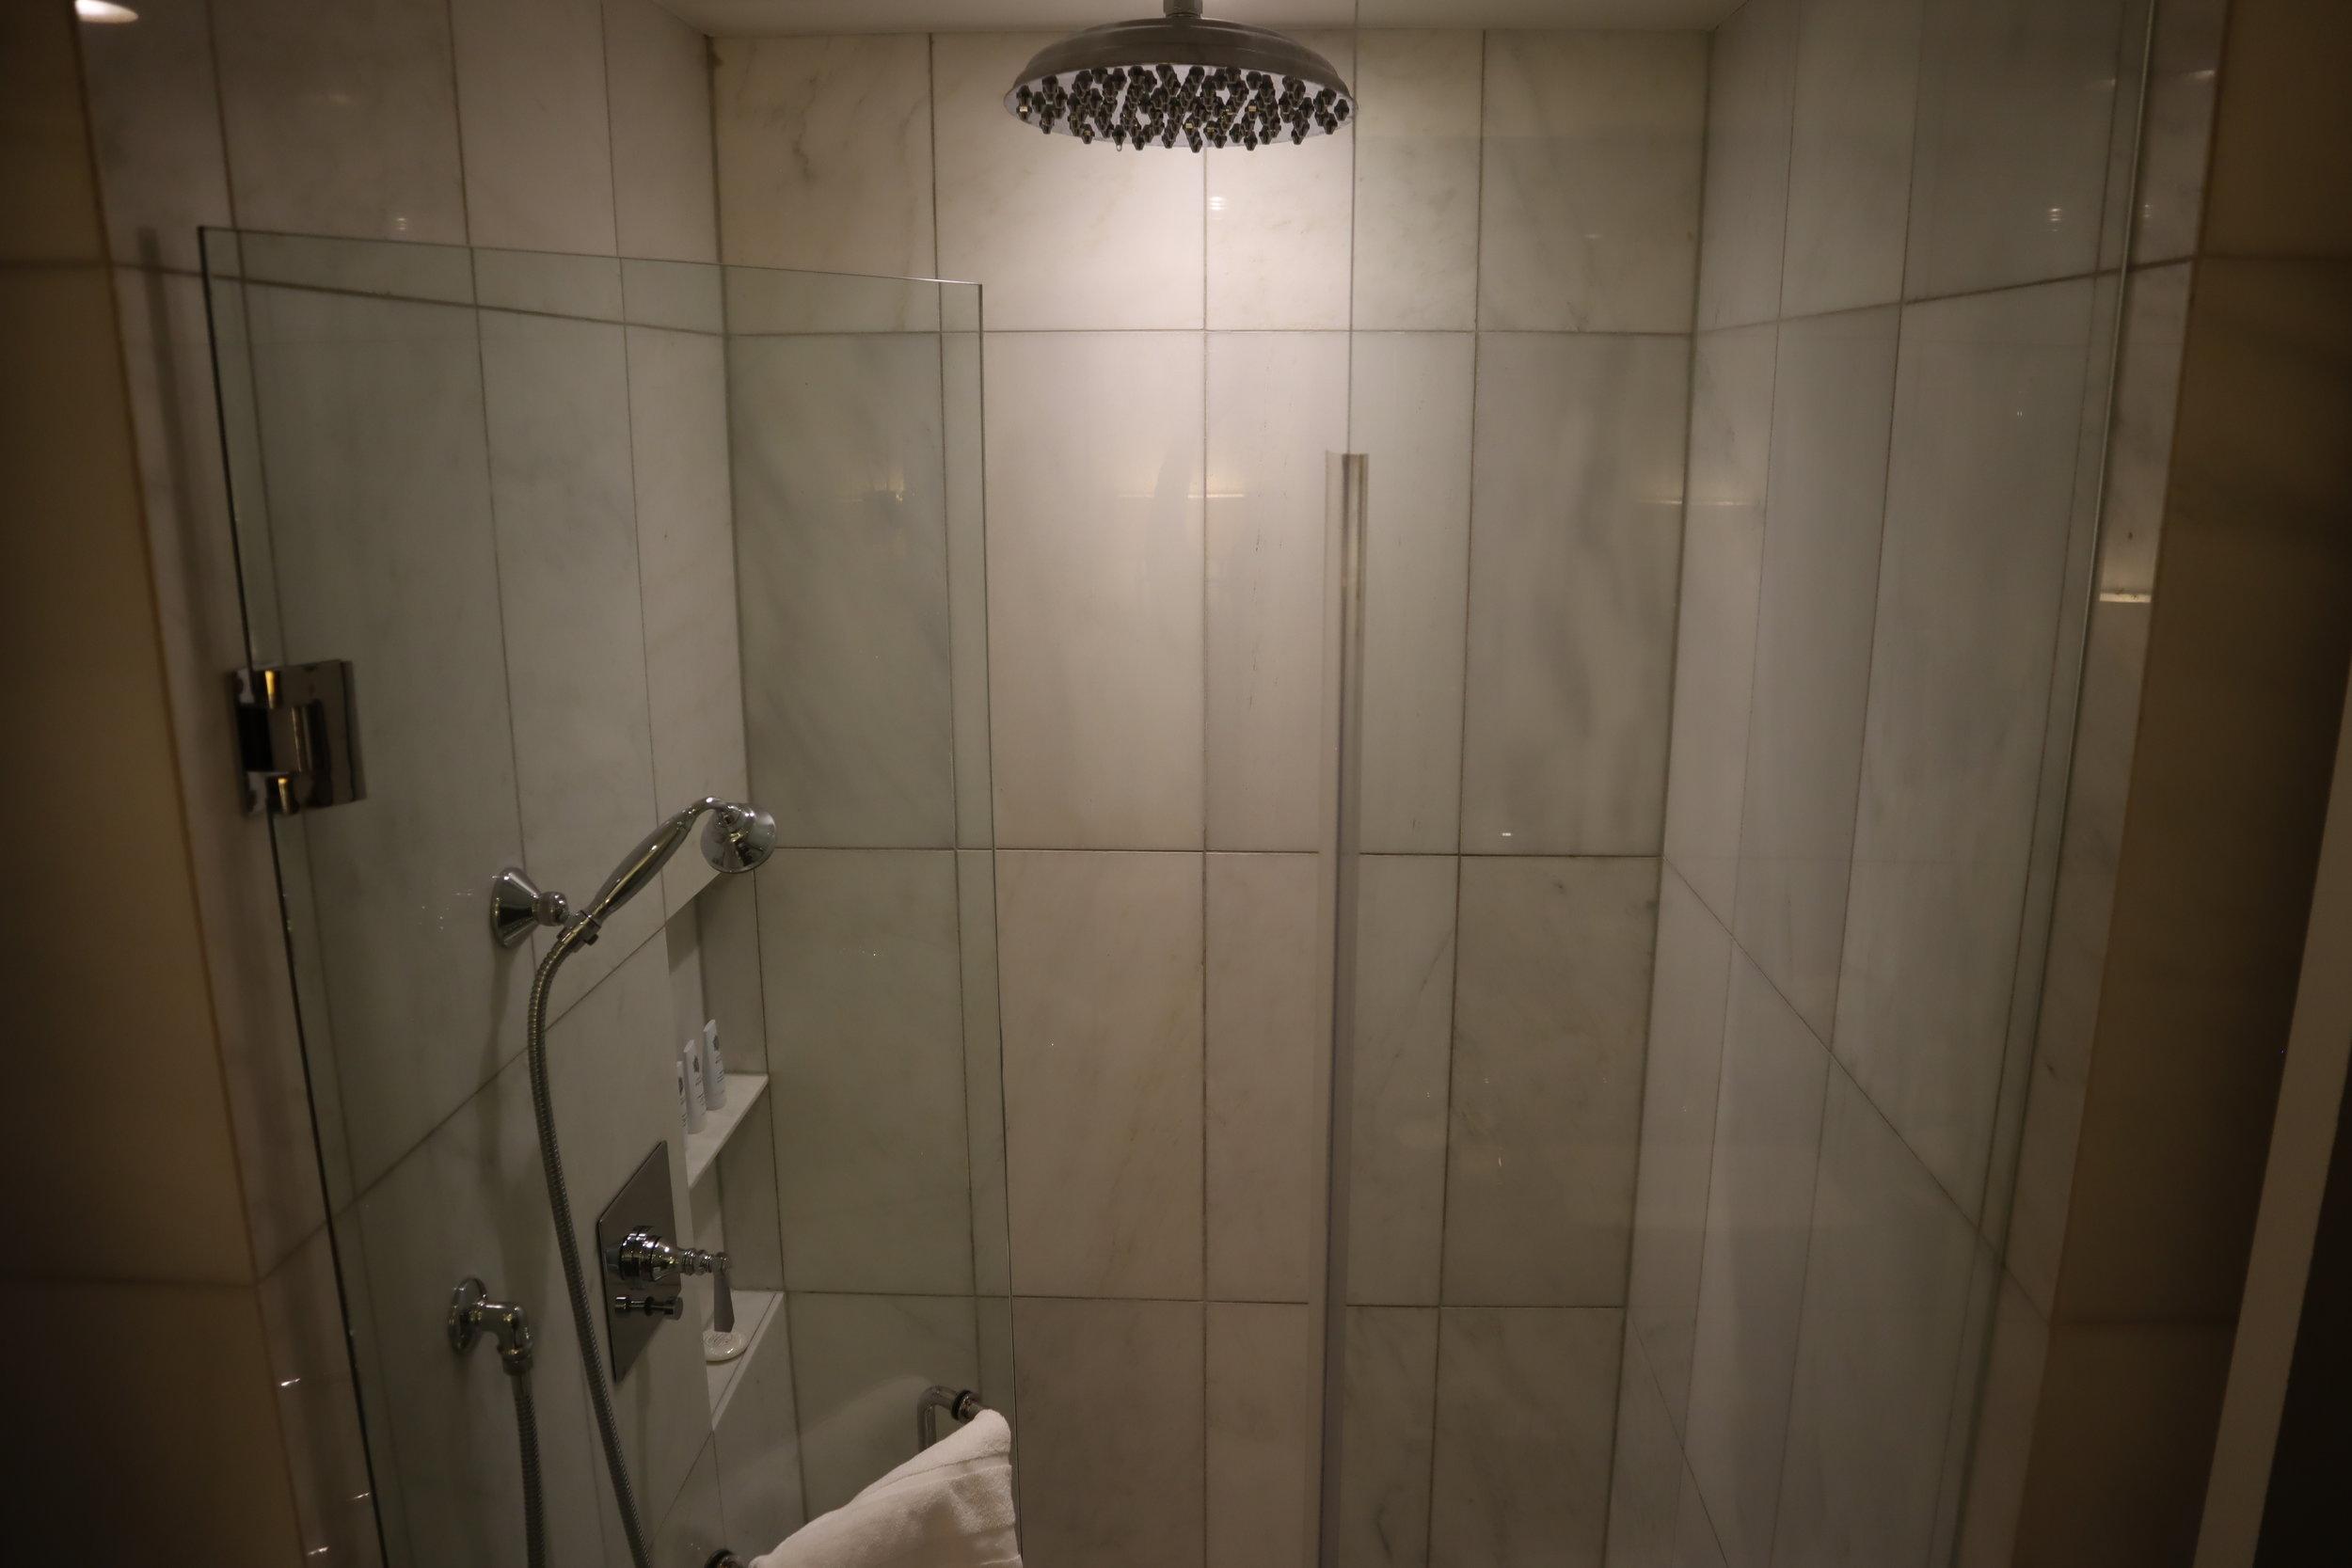 St. Regis Toronto – Two-bedroom suite guest bathroom shower